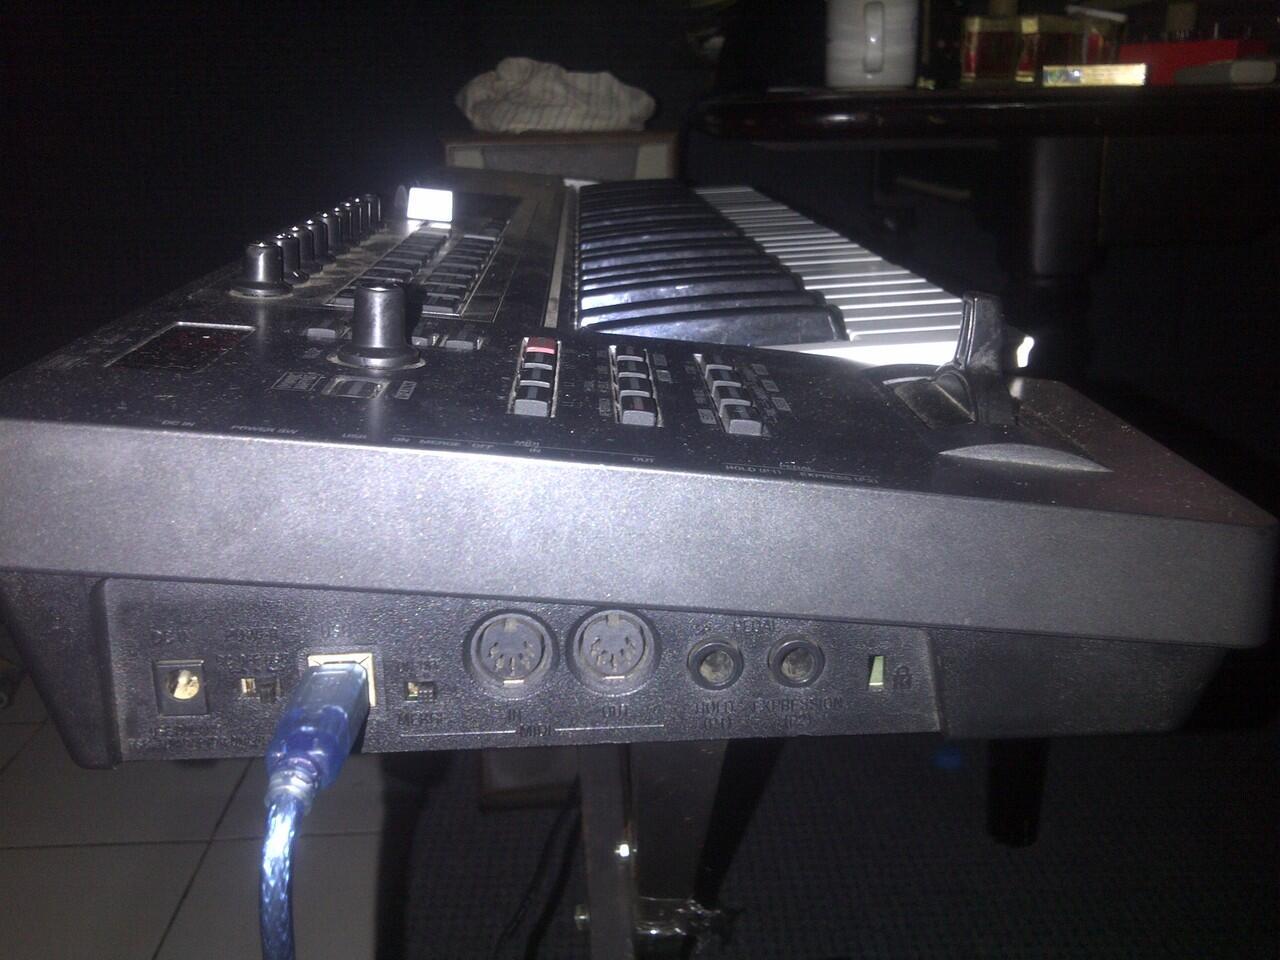 keyboard control roland edirol pcr 500